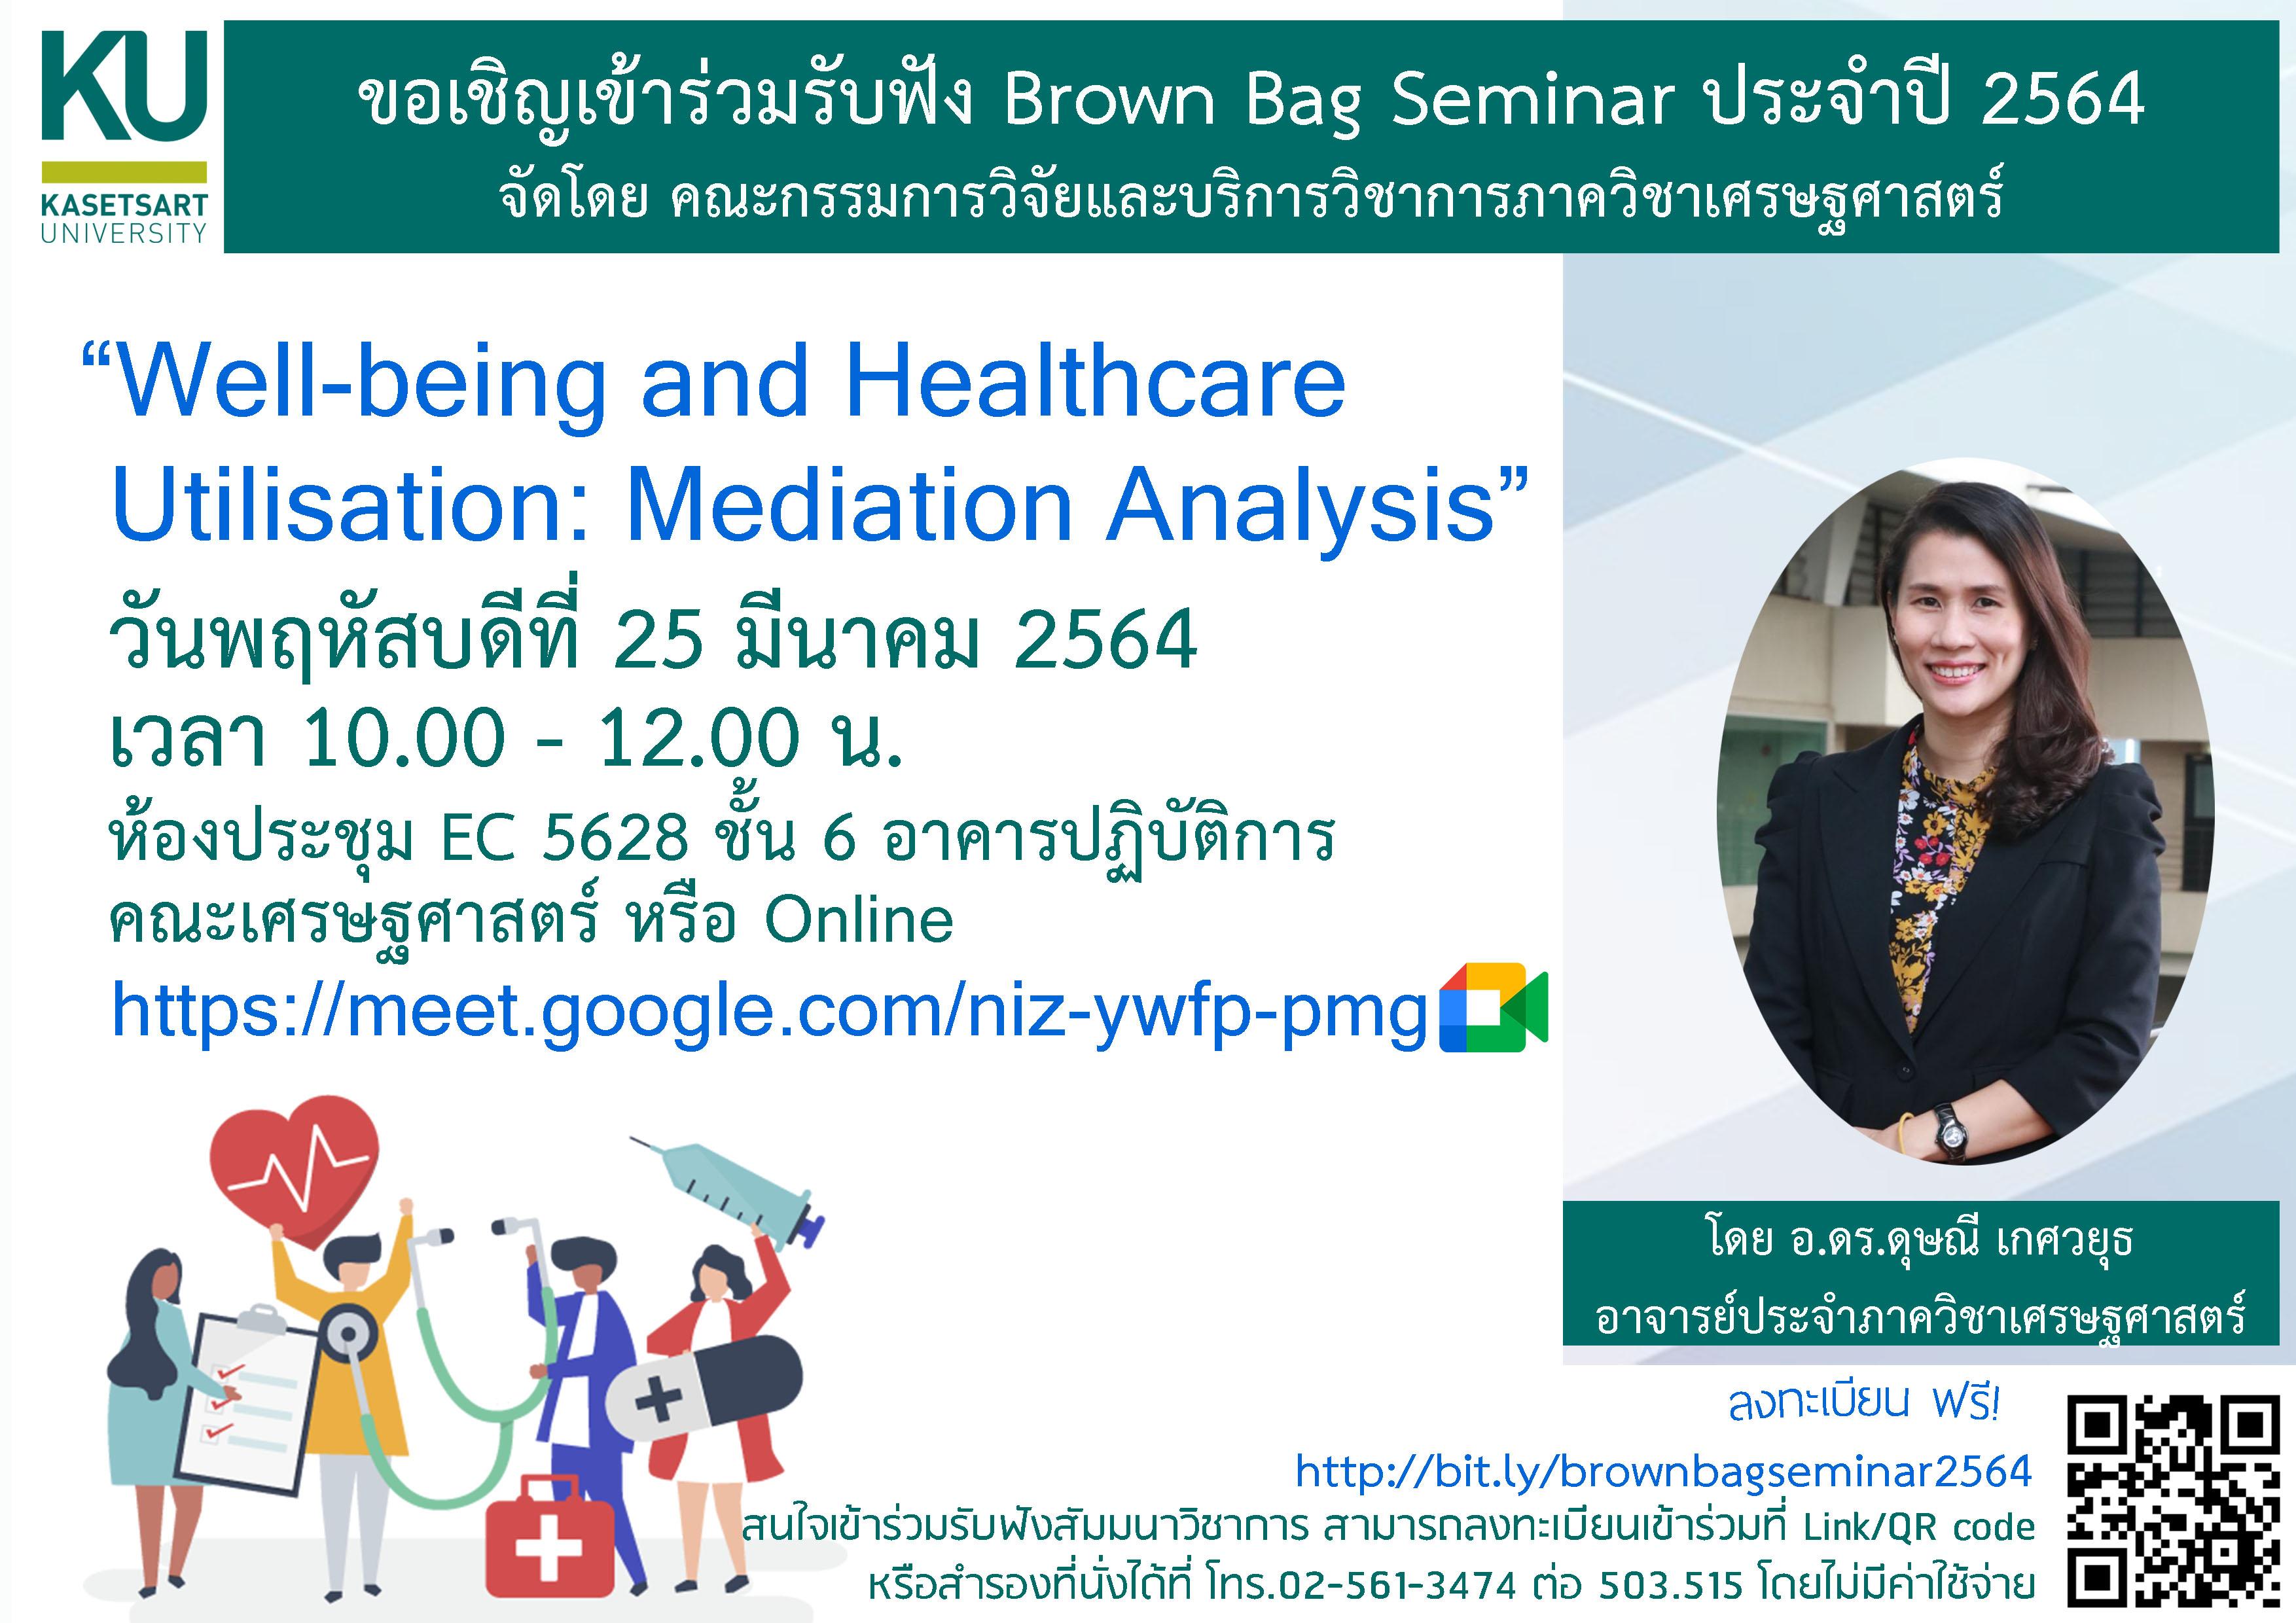 """ขอเชิญคณาจารย์ นิสิต และบุคคลทั่วไป เข้าร่วมการสัมมนา Brown Bag Seminar ครั้งที่ 3/2564 ในหัวข้อเรื่อง """"Well-being and Healthcare Utilisation : Mediation Analysis"""" โดย อ.ดร.ดุษณี เกศวยุธ อาจารย์ประจำภาควิชาเศรษฐศาสตร์ ในวันพฤหัสบดีที่ 25 มีนาคม 2564 เวลา 10.00-12.00 น.ณ ห้องประชุม EC5628 อาคารปฏิบัติการ คณะเศรษฐศาสตร์ จัดโดย คณะกรรมการวิจัยและบริการวิชาการภาควิชาเศรษฐศาสตร์ คณะเศรษฐศาสตร์"""